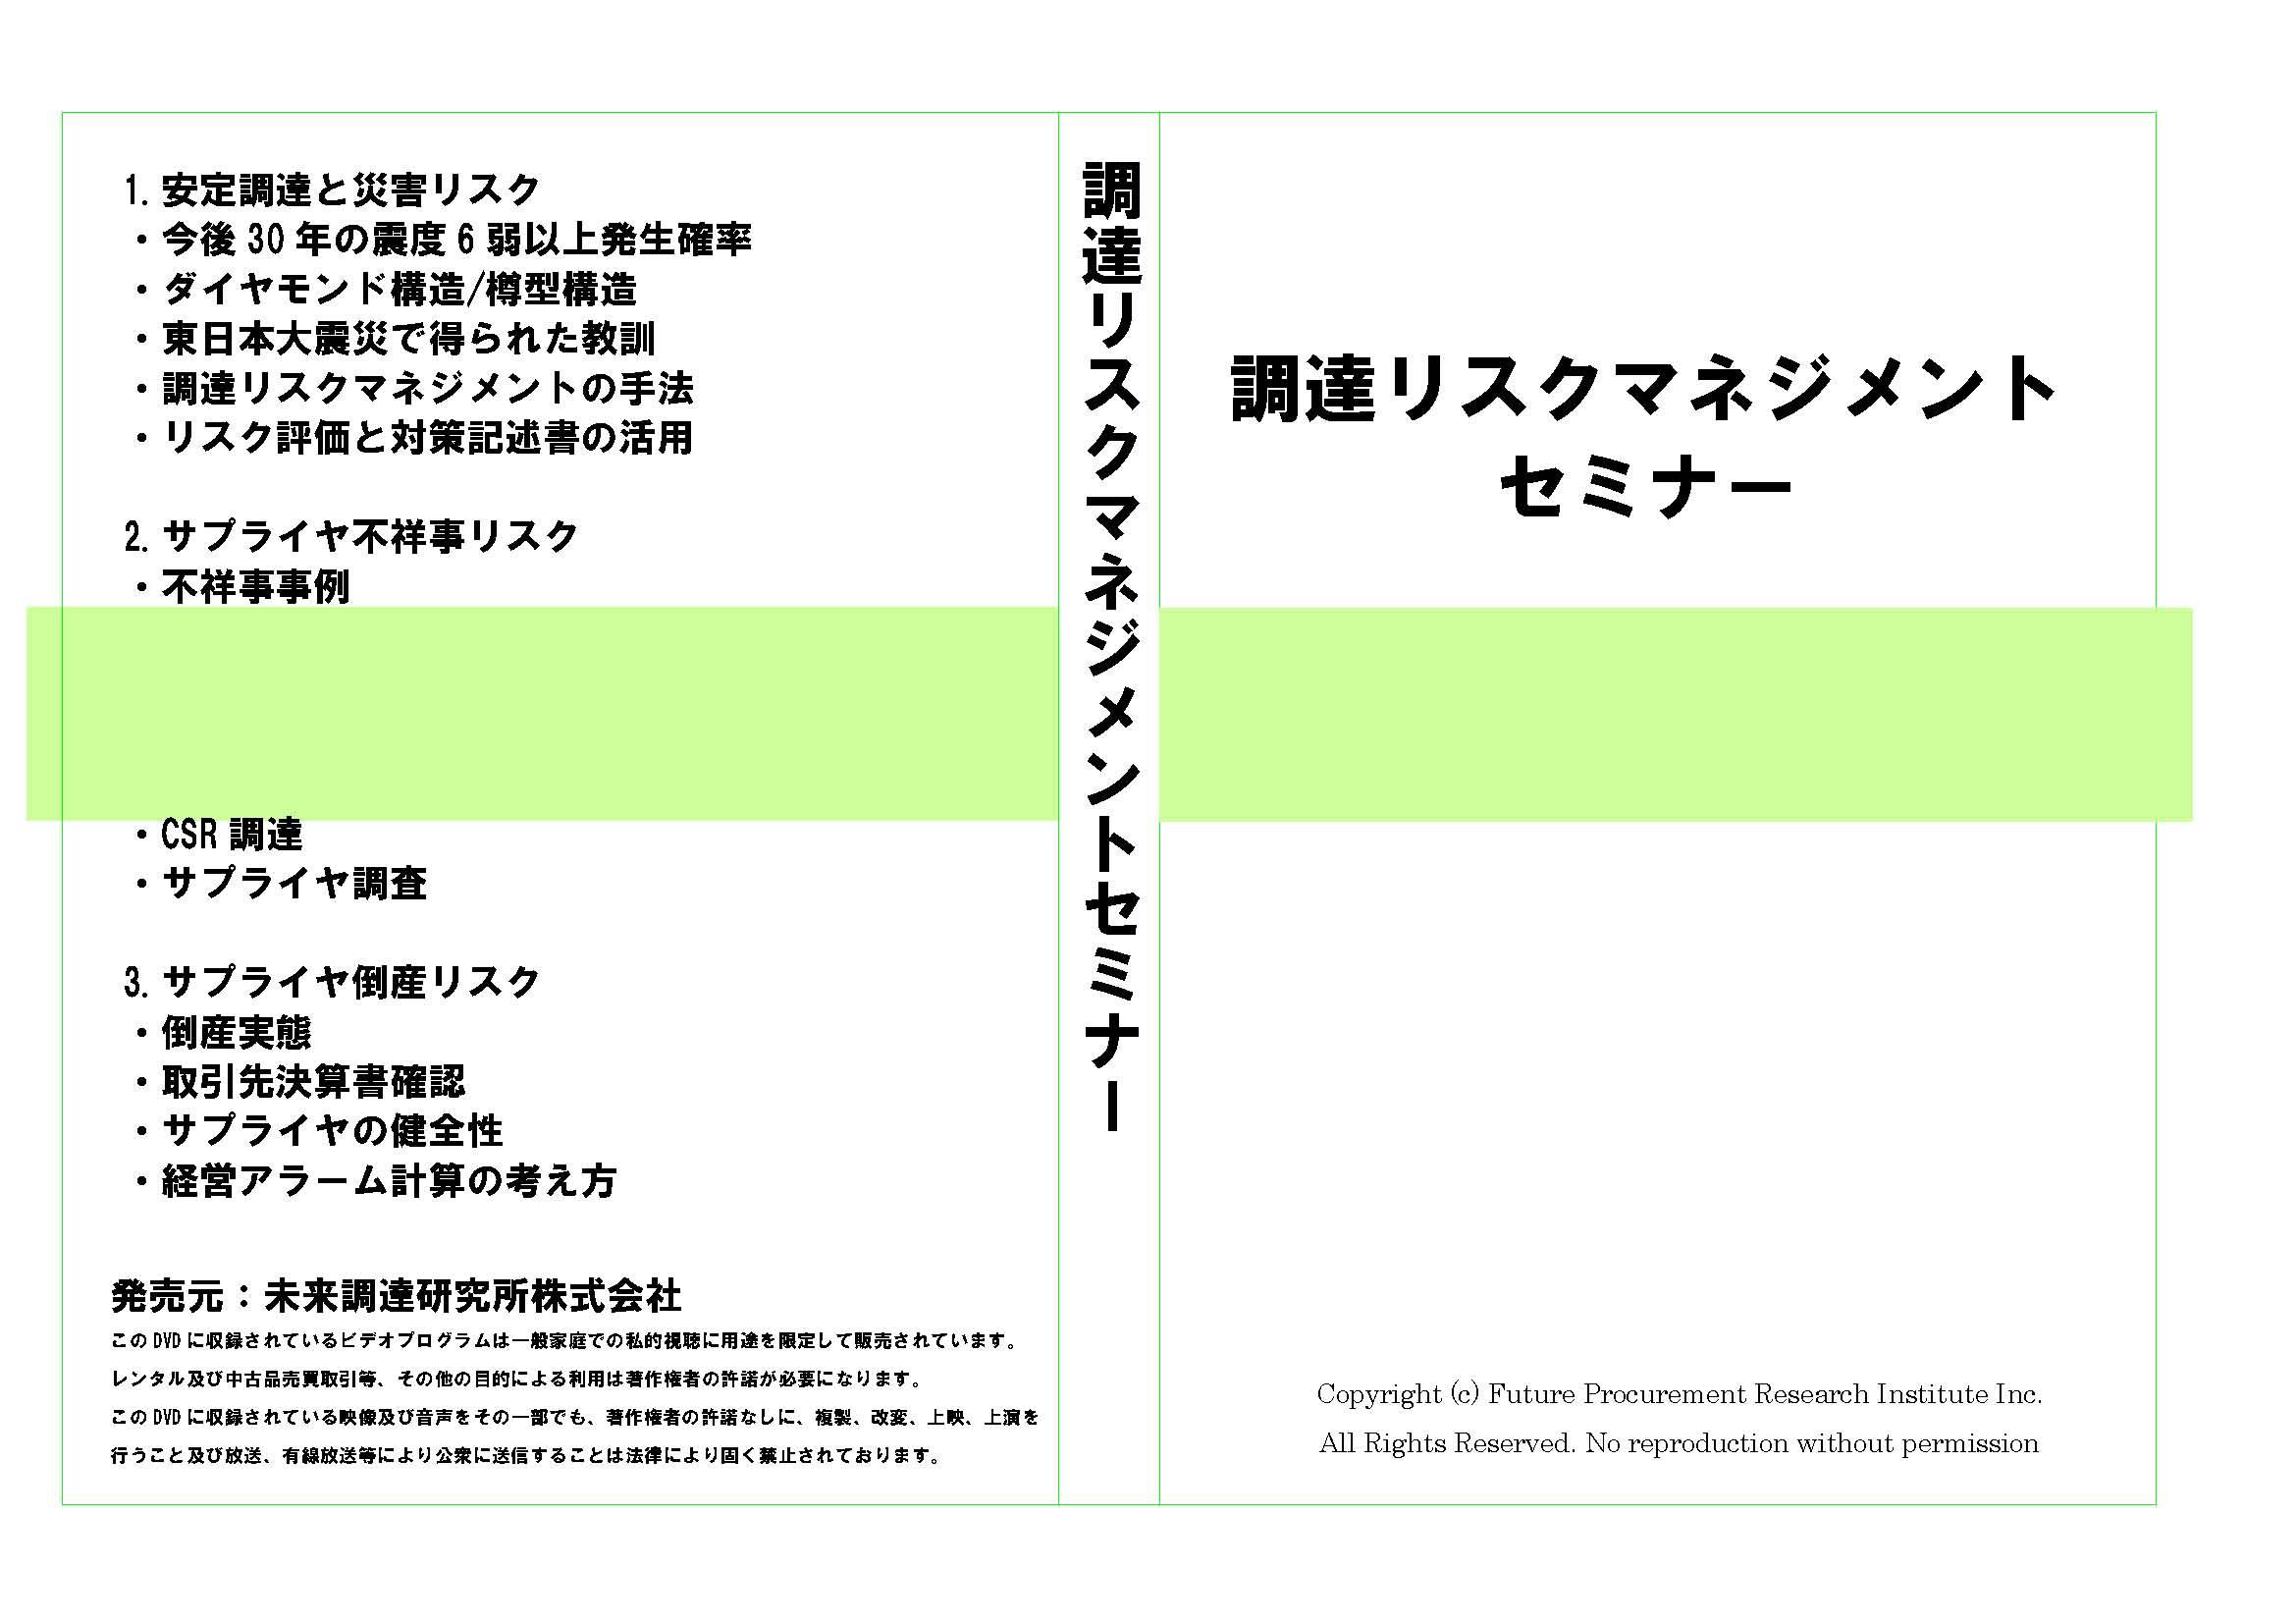 DVD「調達リスクマネジメントセミナー」